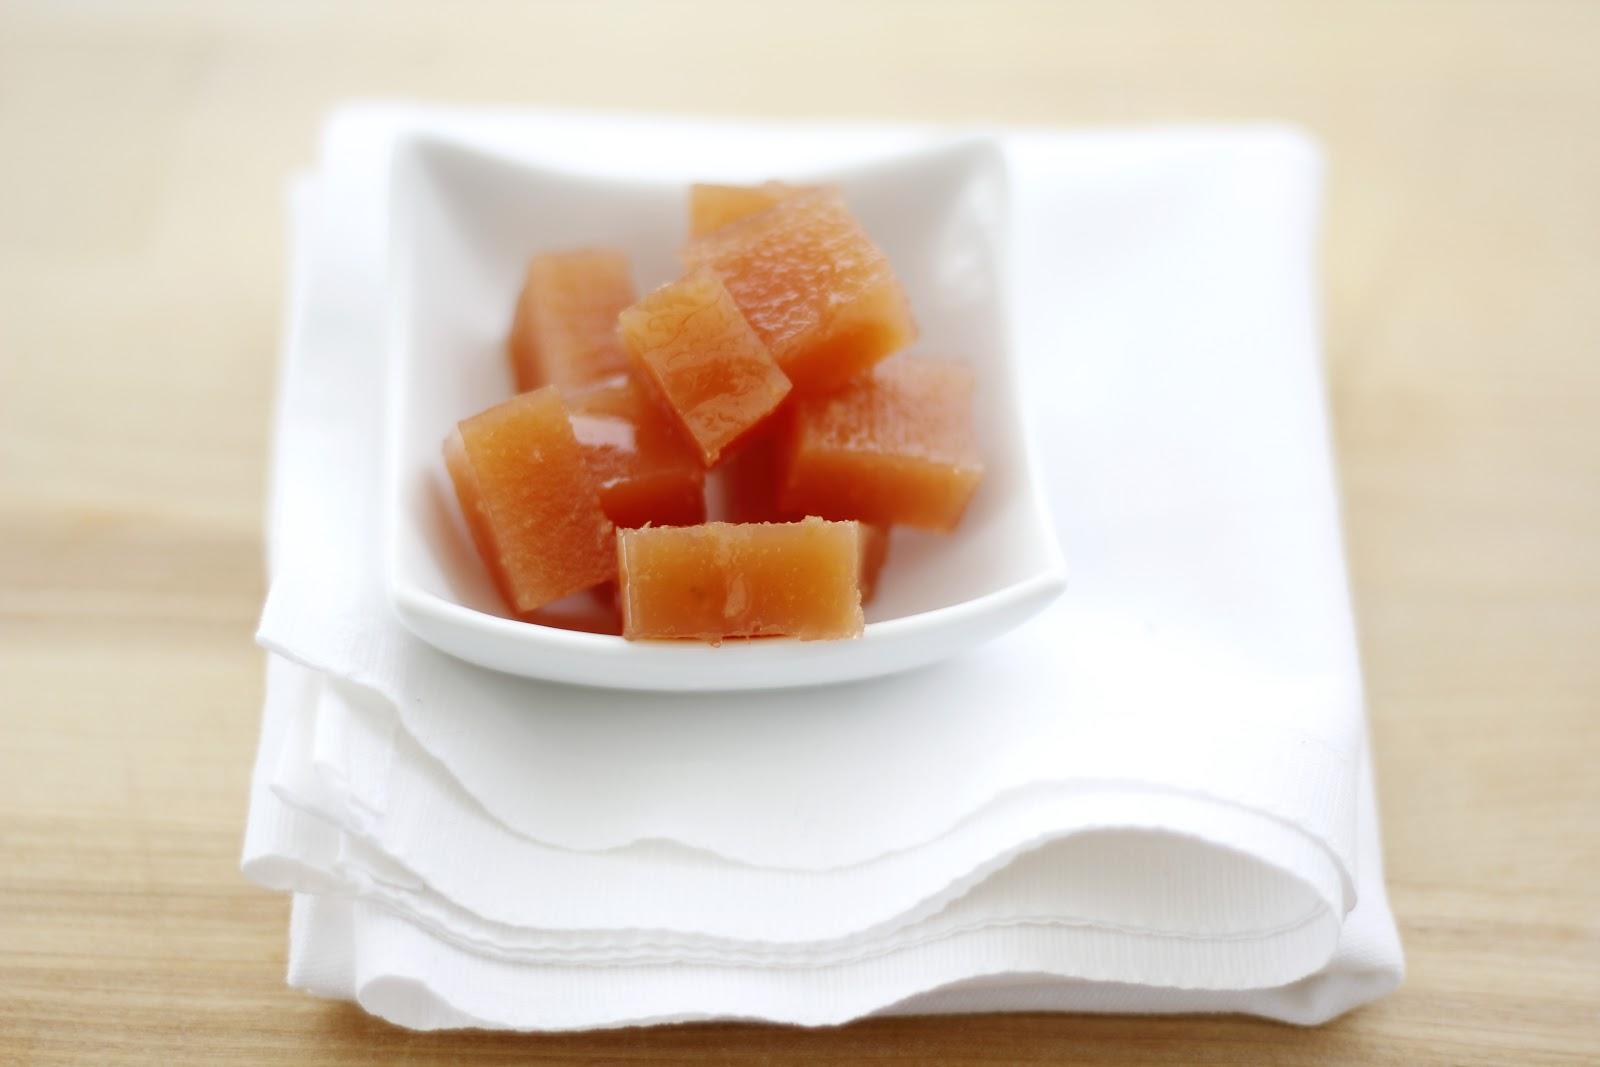 En modo food: Dulce de membrillo